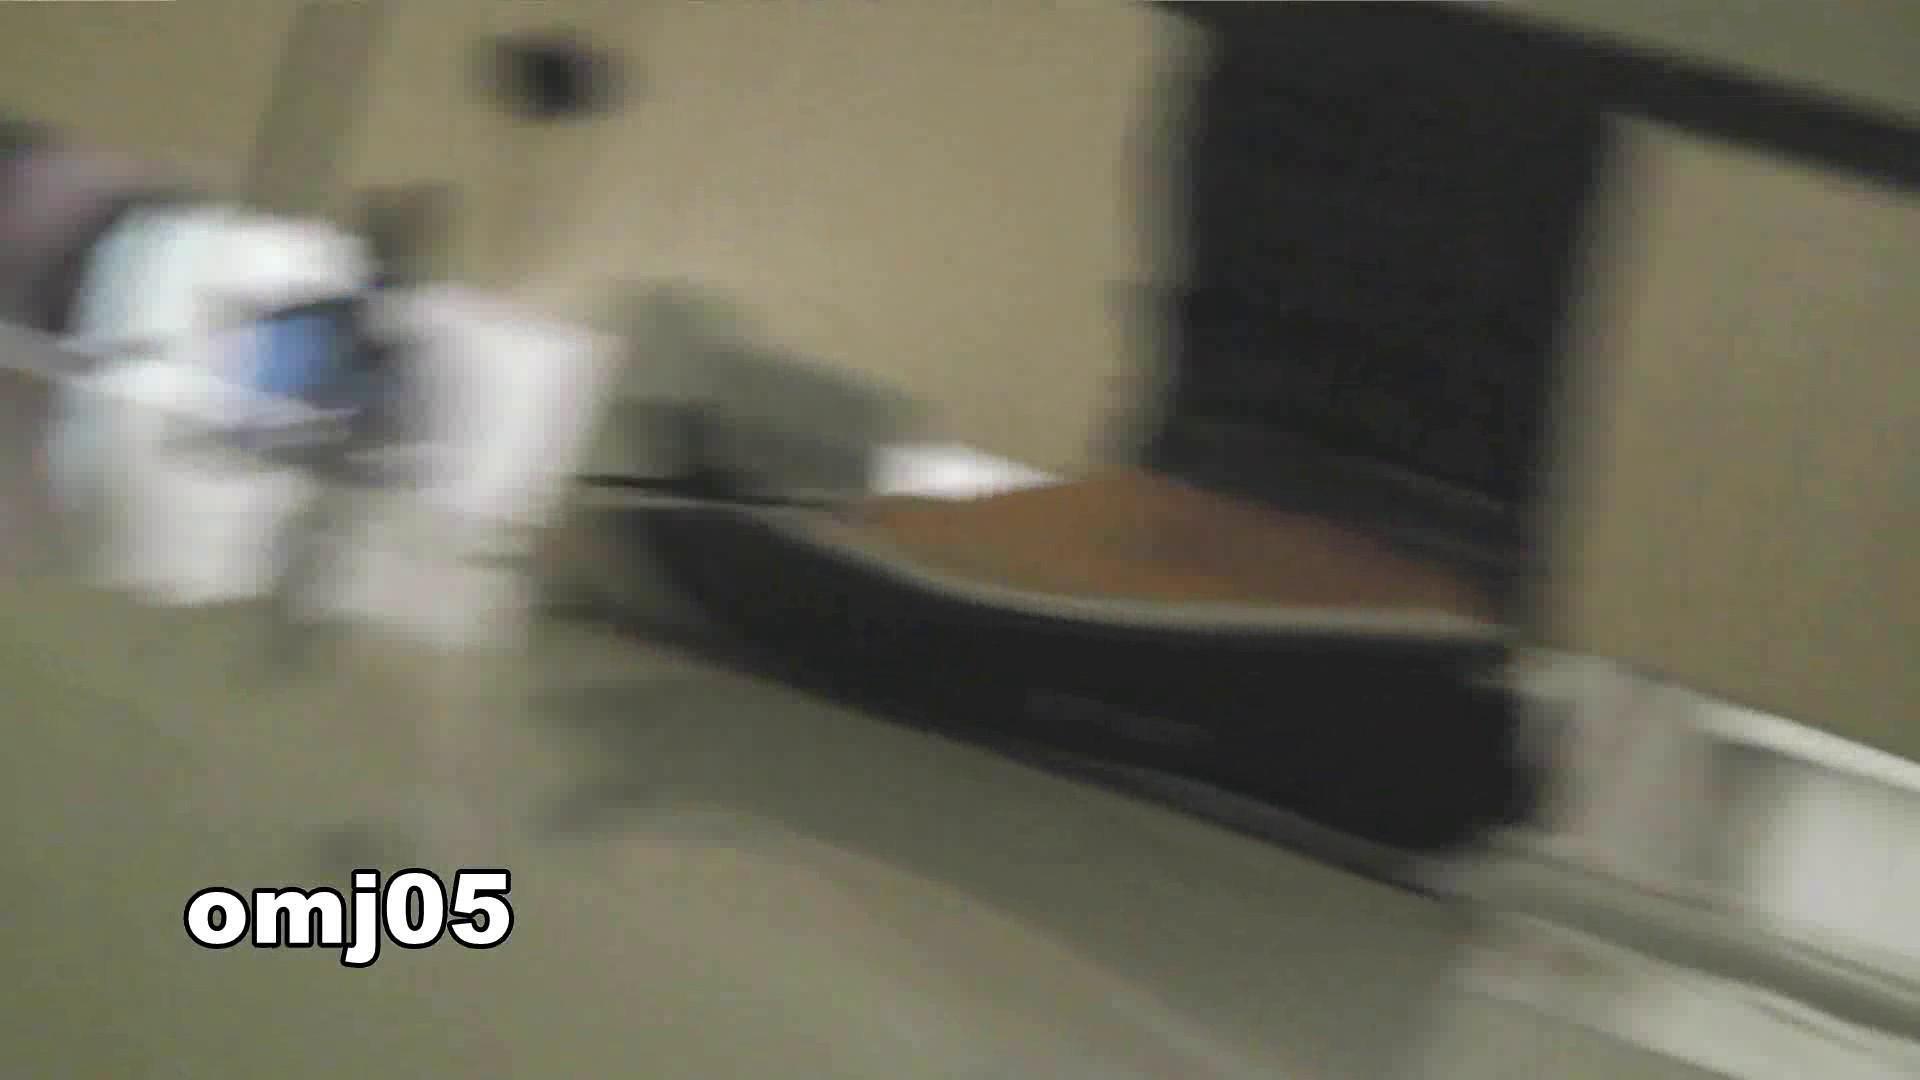 アダルトエロ動画|お市さんの「お尻丸出しジャンボリー」 No.5 ∑(゚Д゚)ヒェ~ッ!壁ドン!!|怪盗ジョーカー